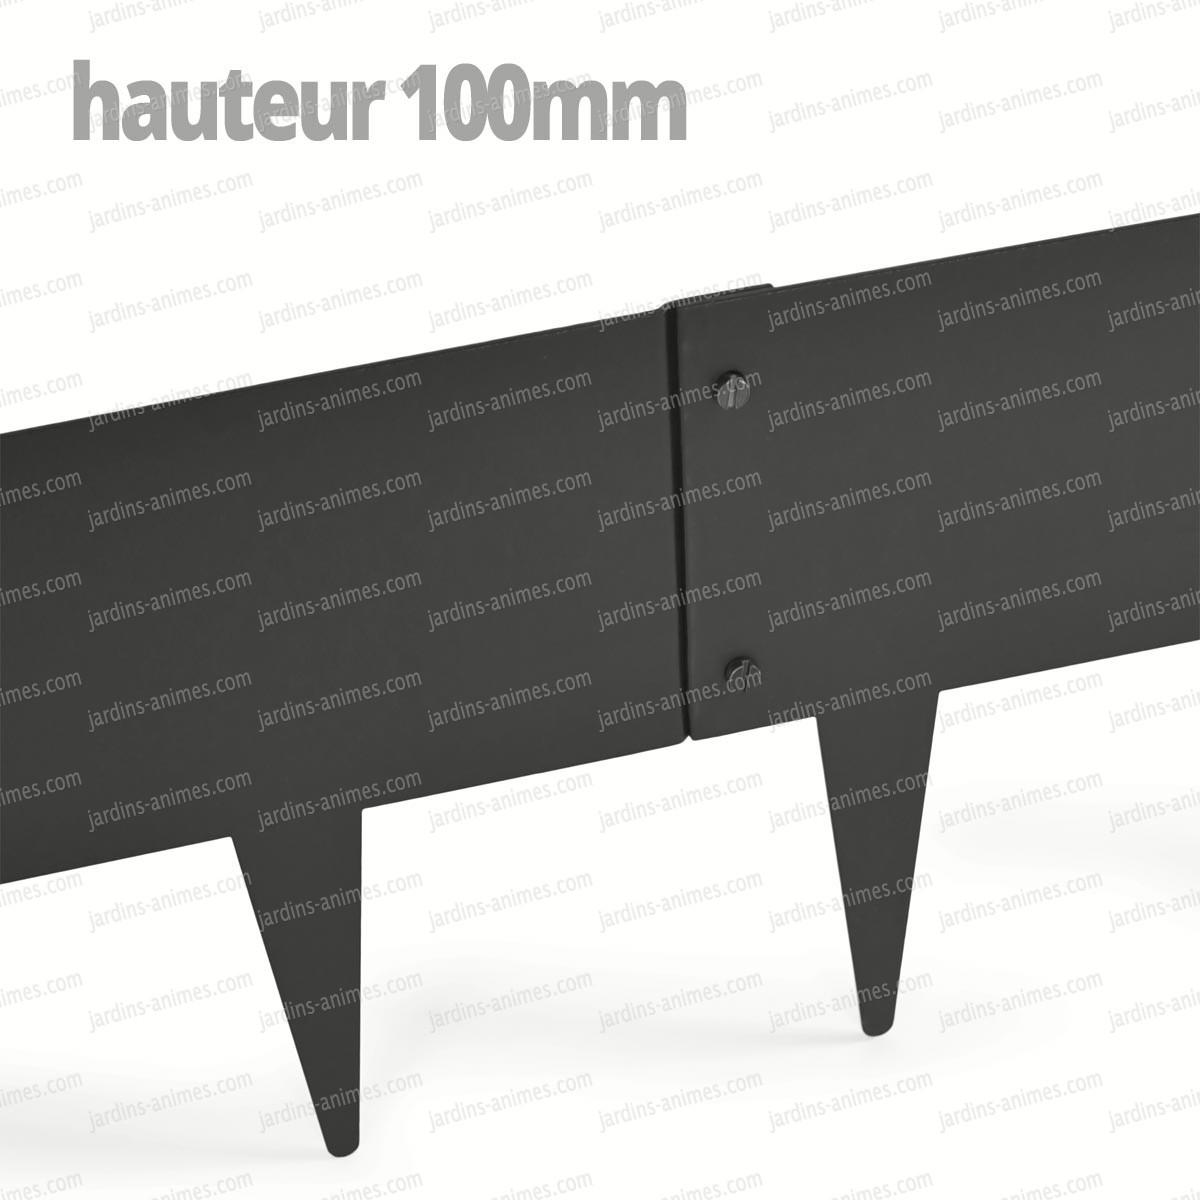 Bordurette acier 1m fran ais gris ral 7022 bordurette gazon - Acier s ...